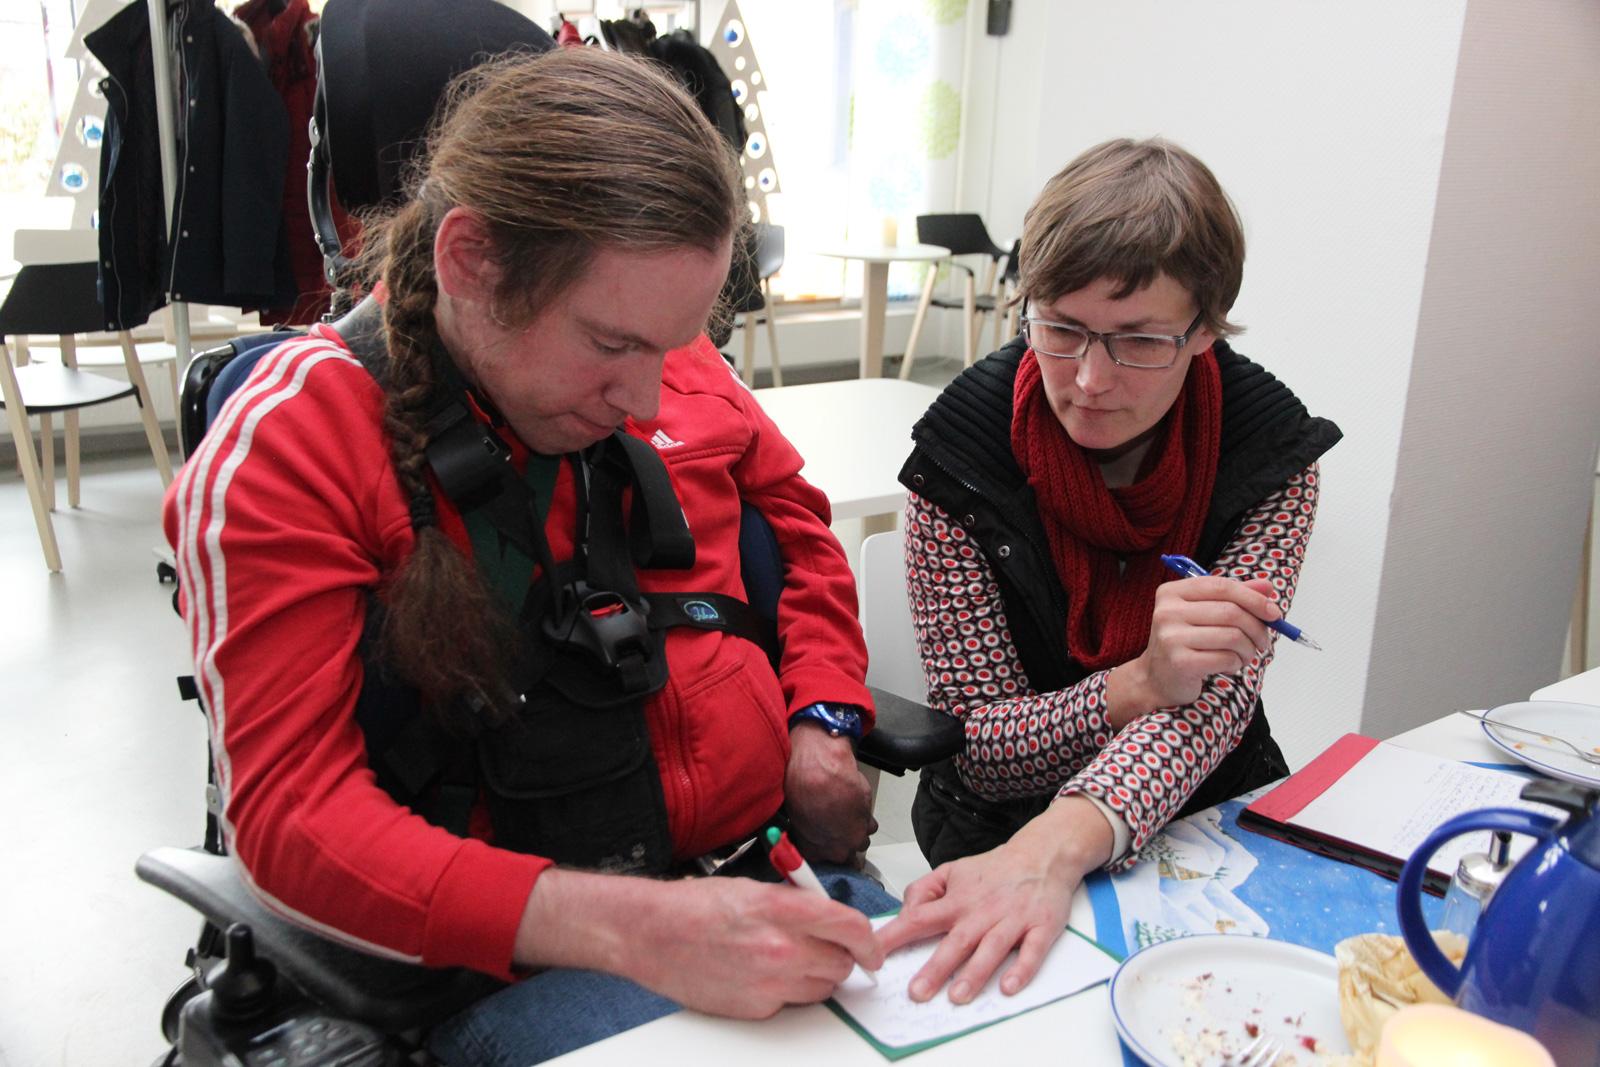 Steffen Laberke (Foto, links) ist seit vielen Jahren im Betreutenzentrum in der Daschstraße in der Bewohnervertretung tätig und arbeitet in den Moritzberg-Werkstätten.